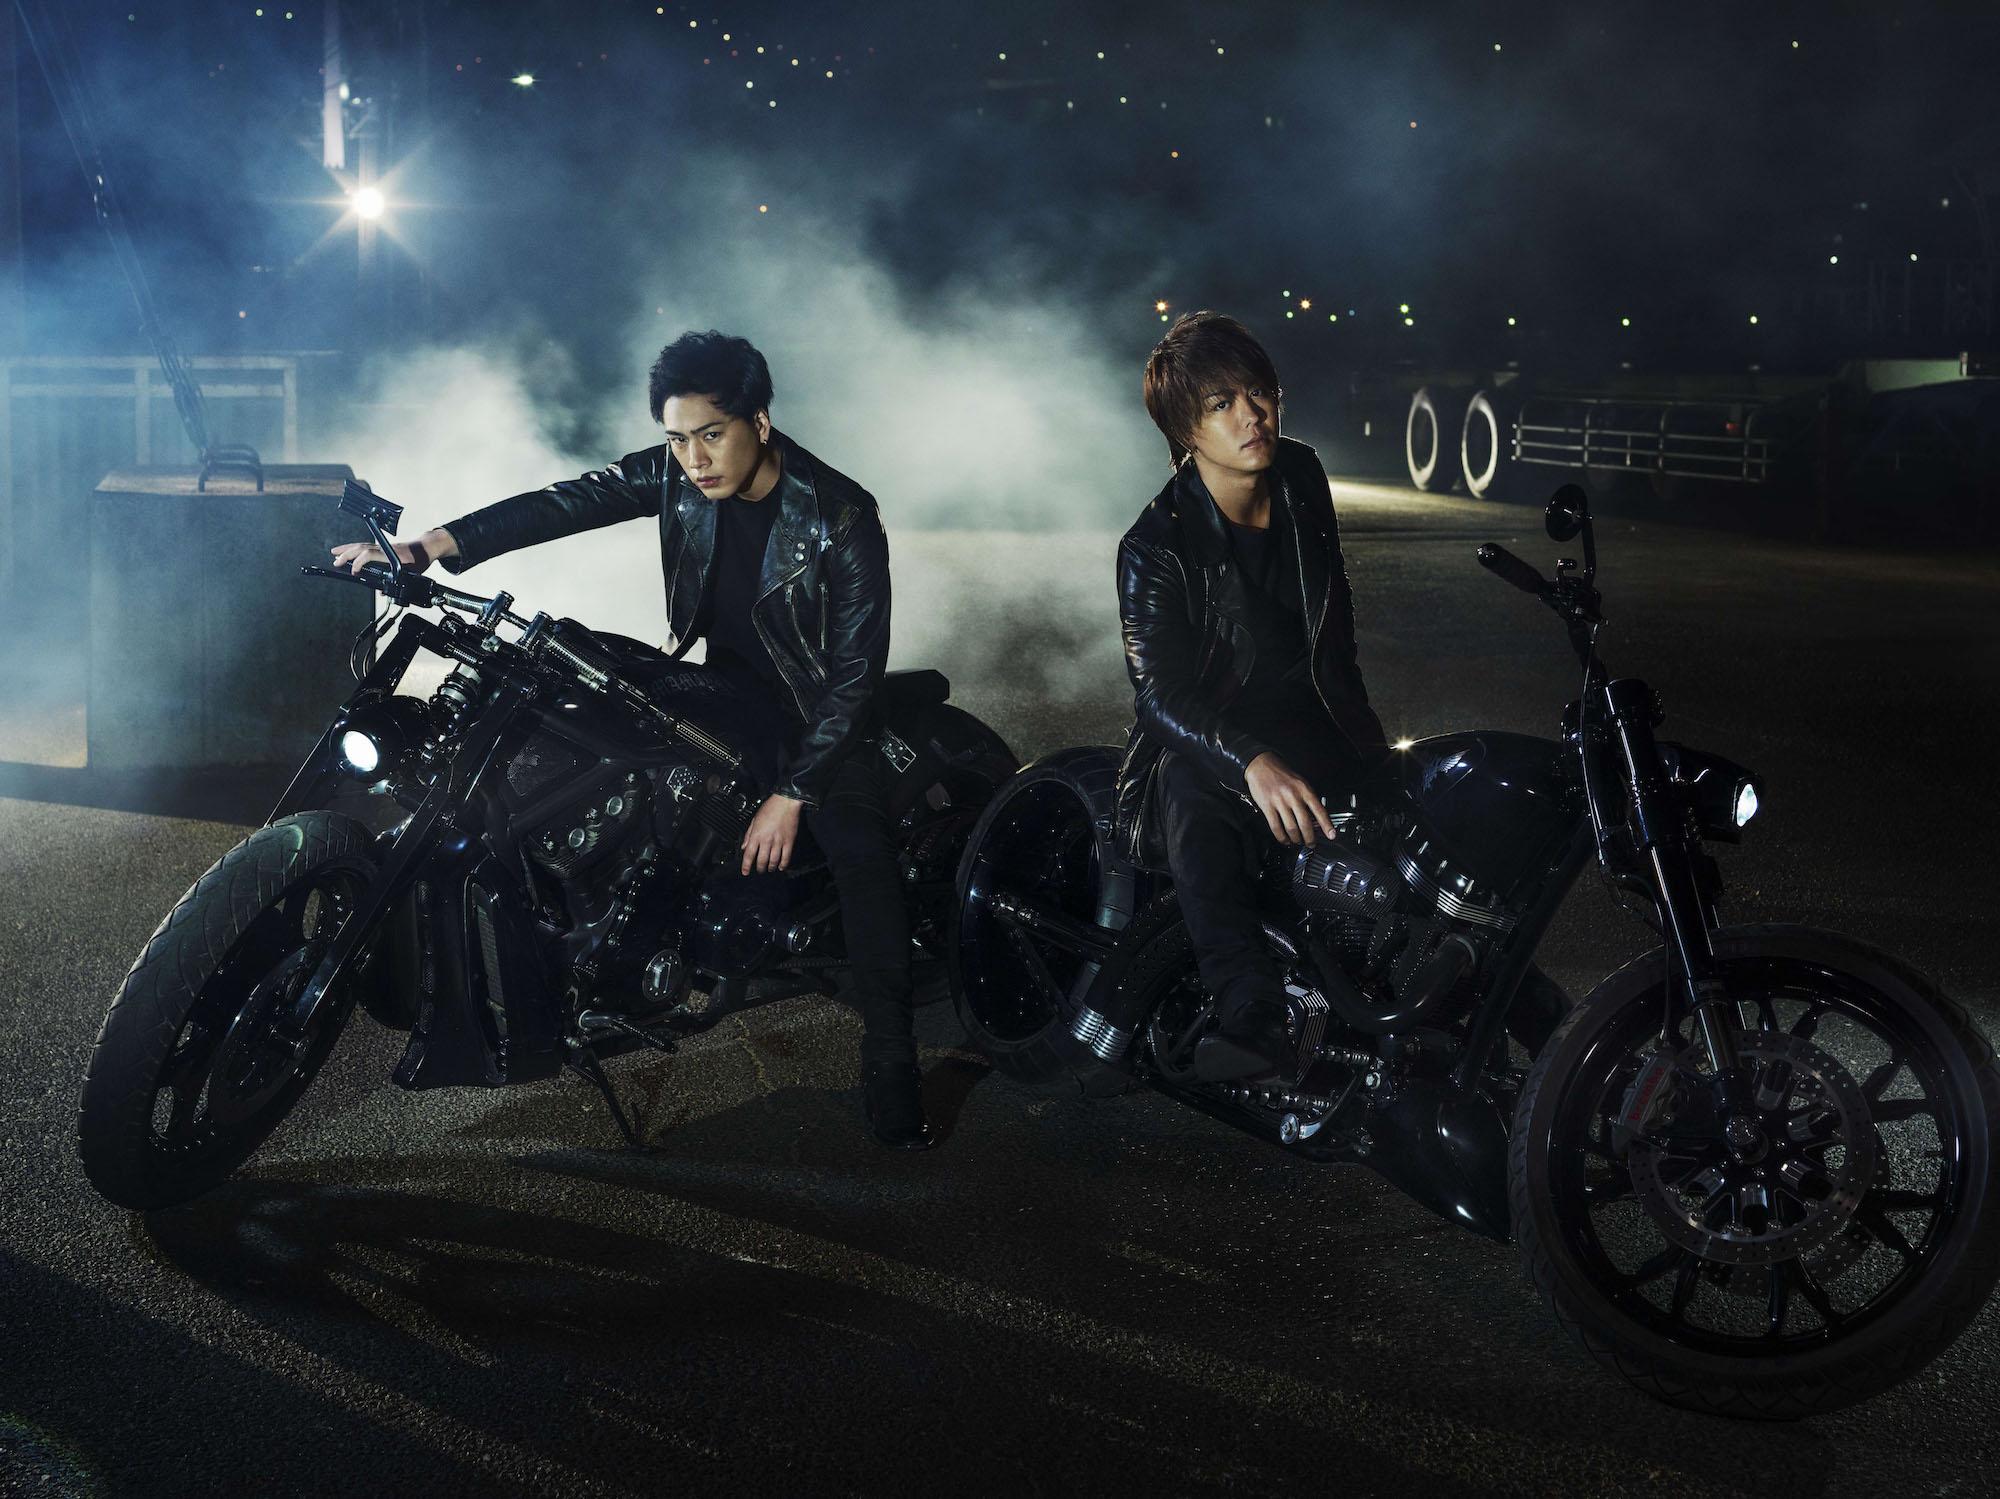 映画「HiGH&LOW THE MOVIE 2 / END OF SKY」雨宮雅貴(TAKAHIRO)、広斗(登坂広臣)闇夜を背にした雨宮兄弟の新ビジュアルがついにお披露目